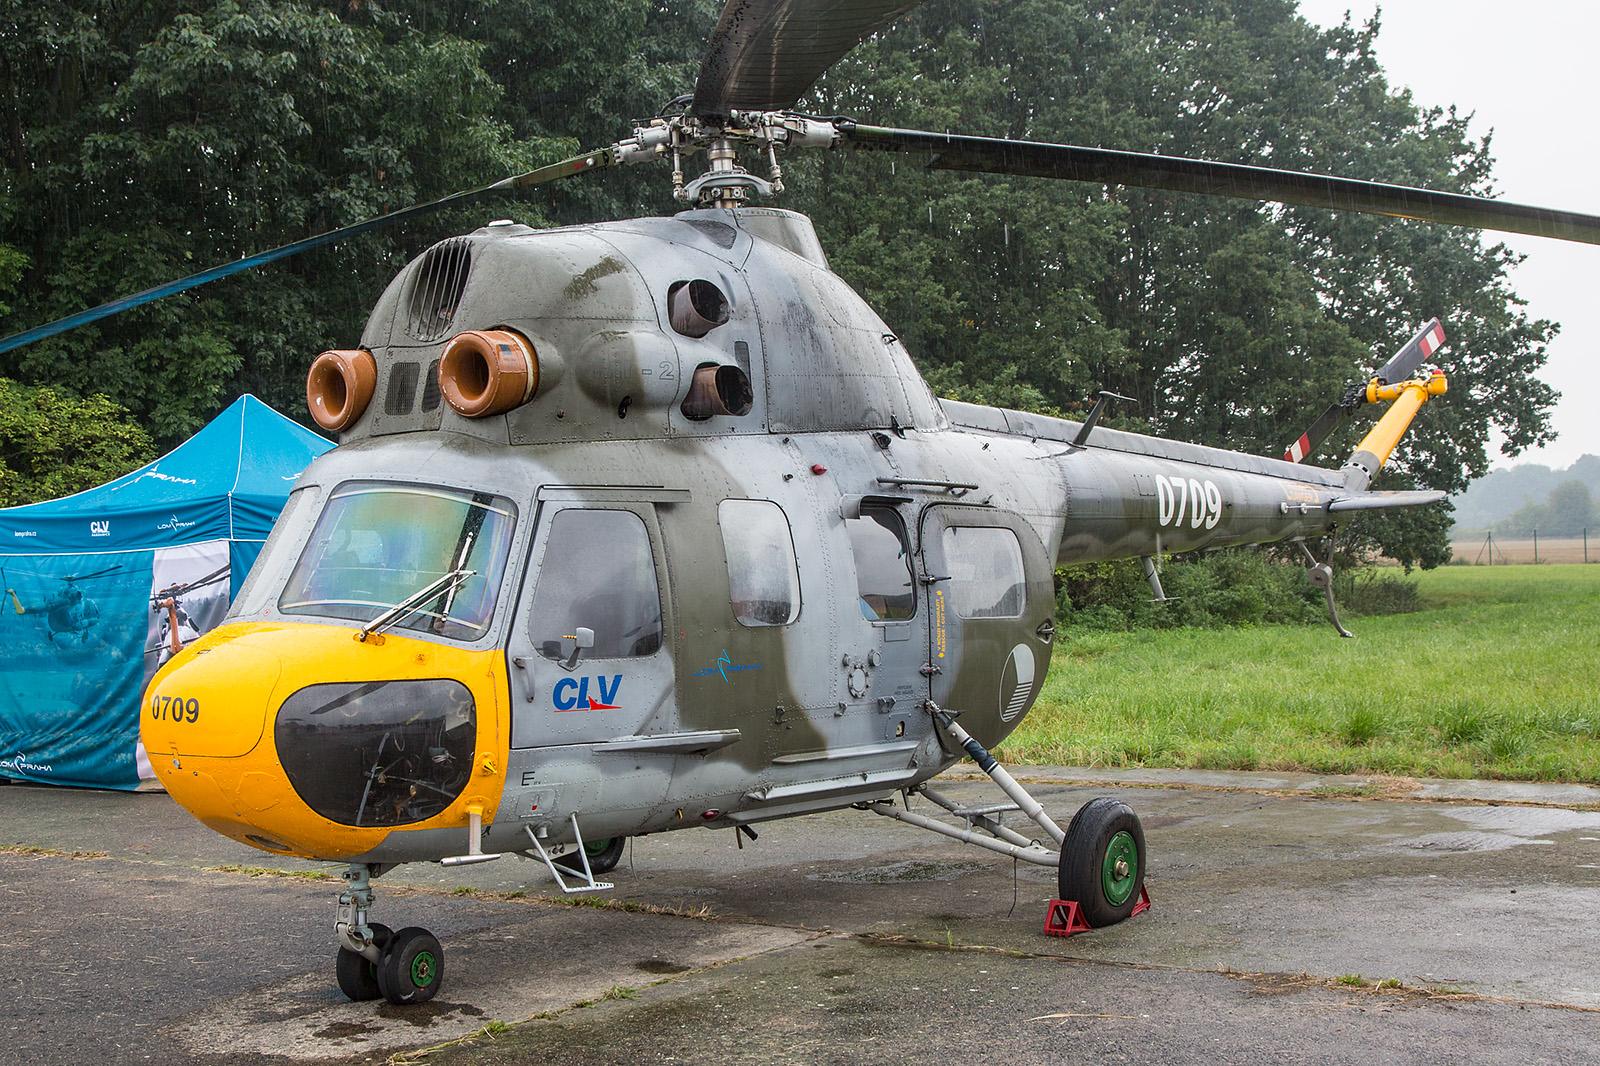 Die 0709 gehört zur Flugschule CLV in Pardubice und ist damit nicht mehr offiziell im Bestand der Luftwaffe.